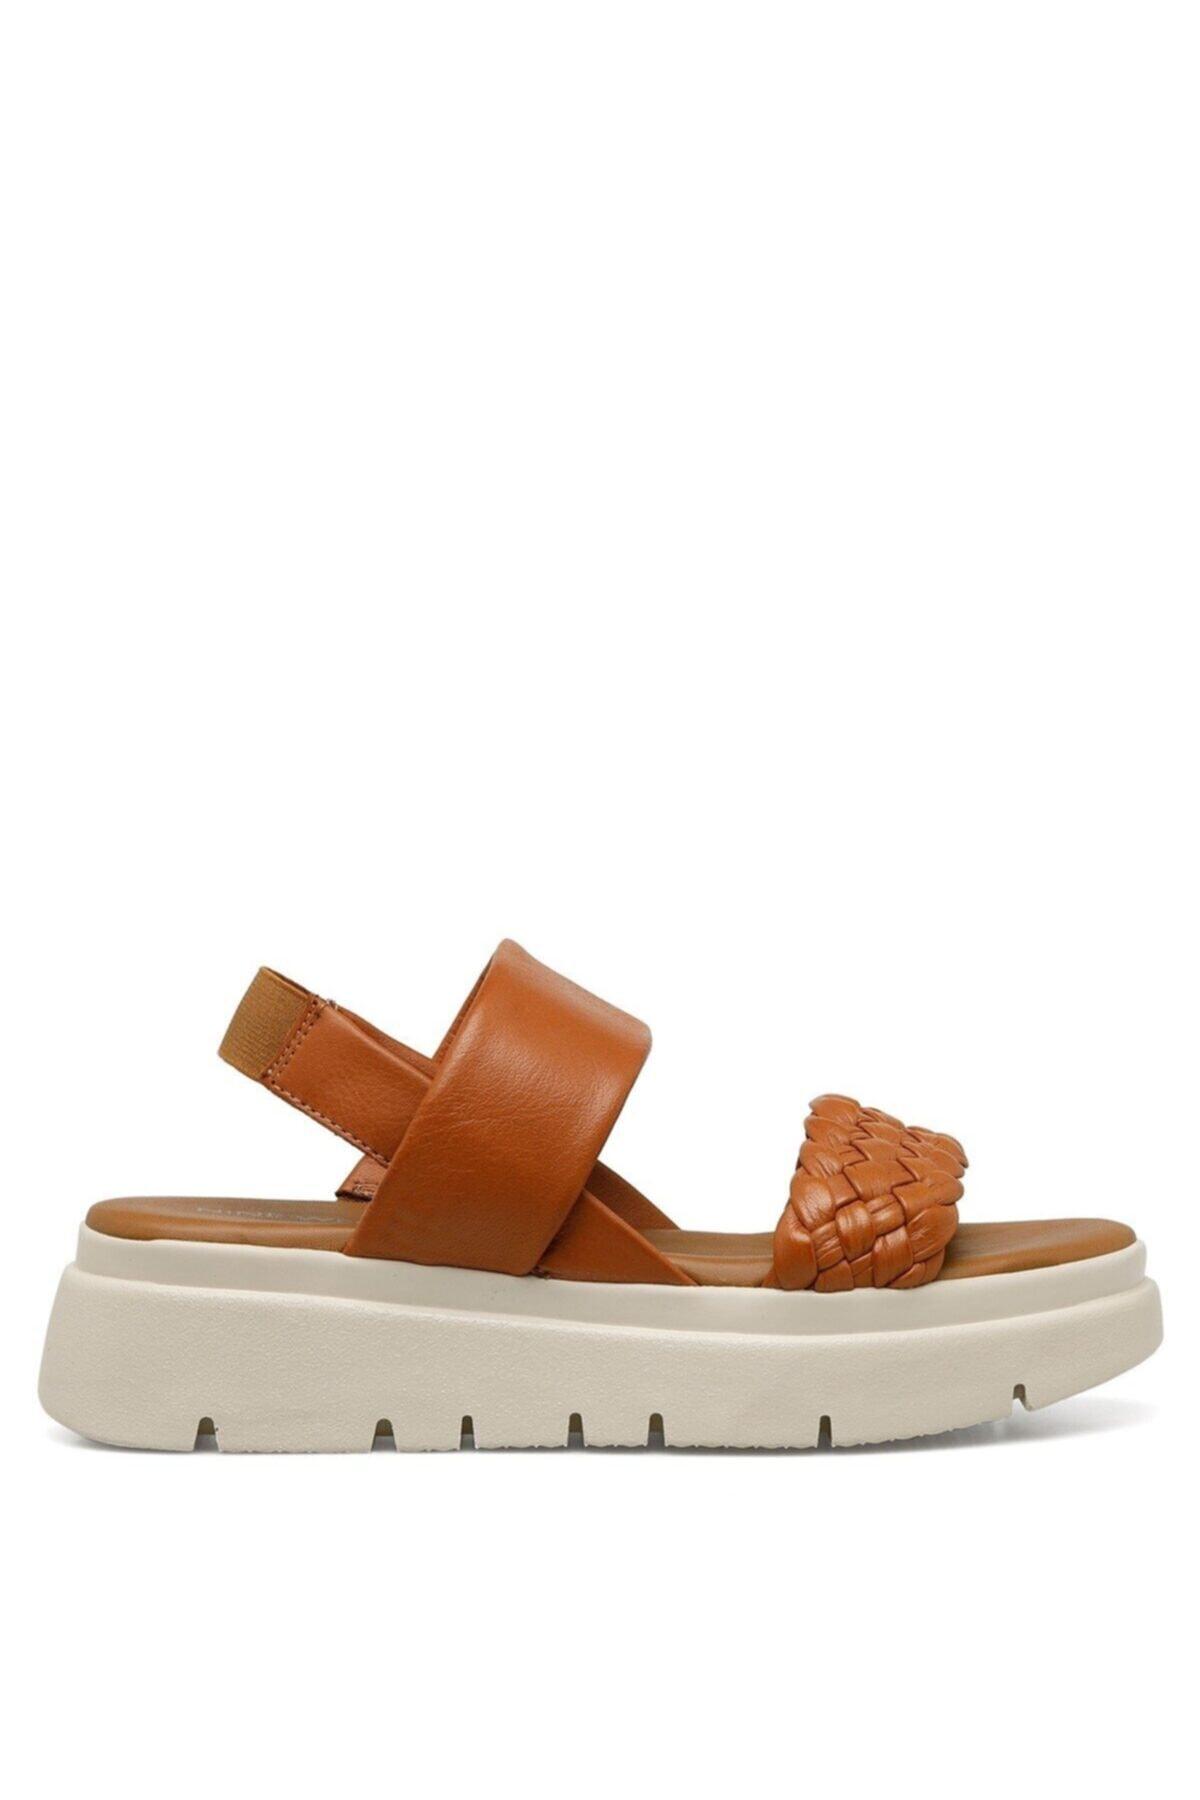 GUMMO 1FX Taba Kadın Sandalet 101028918